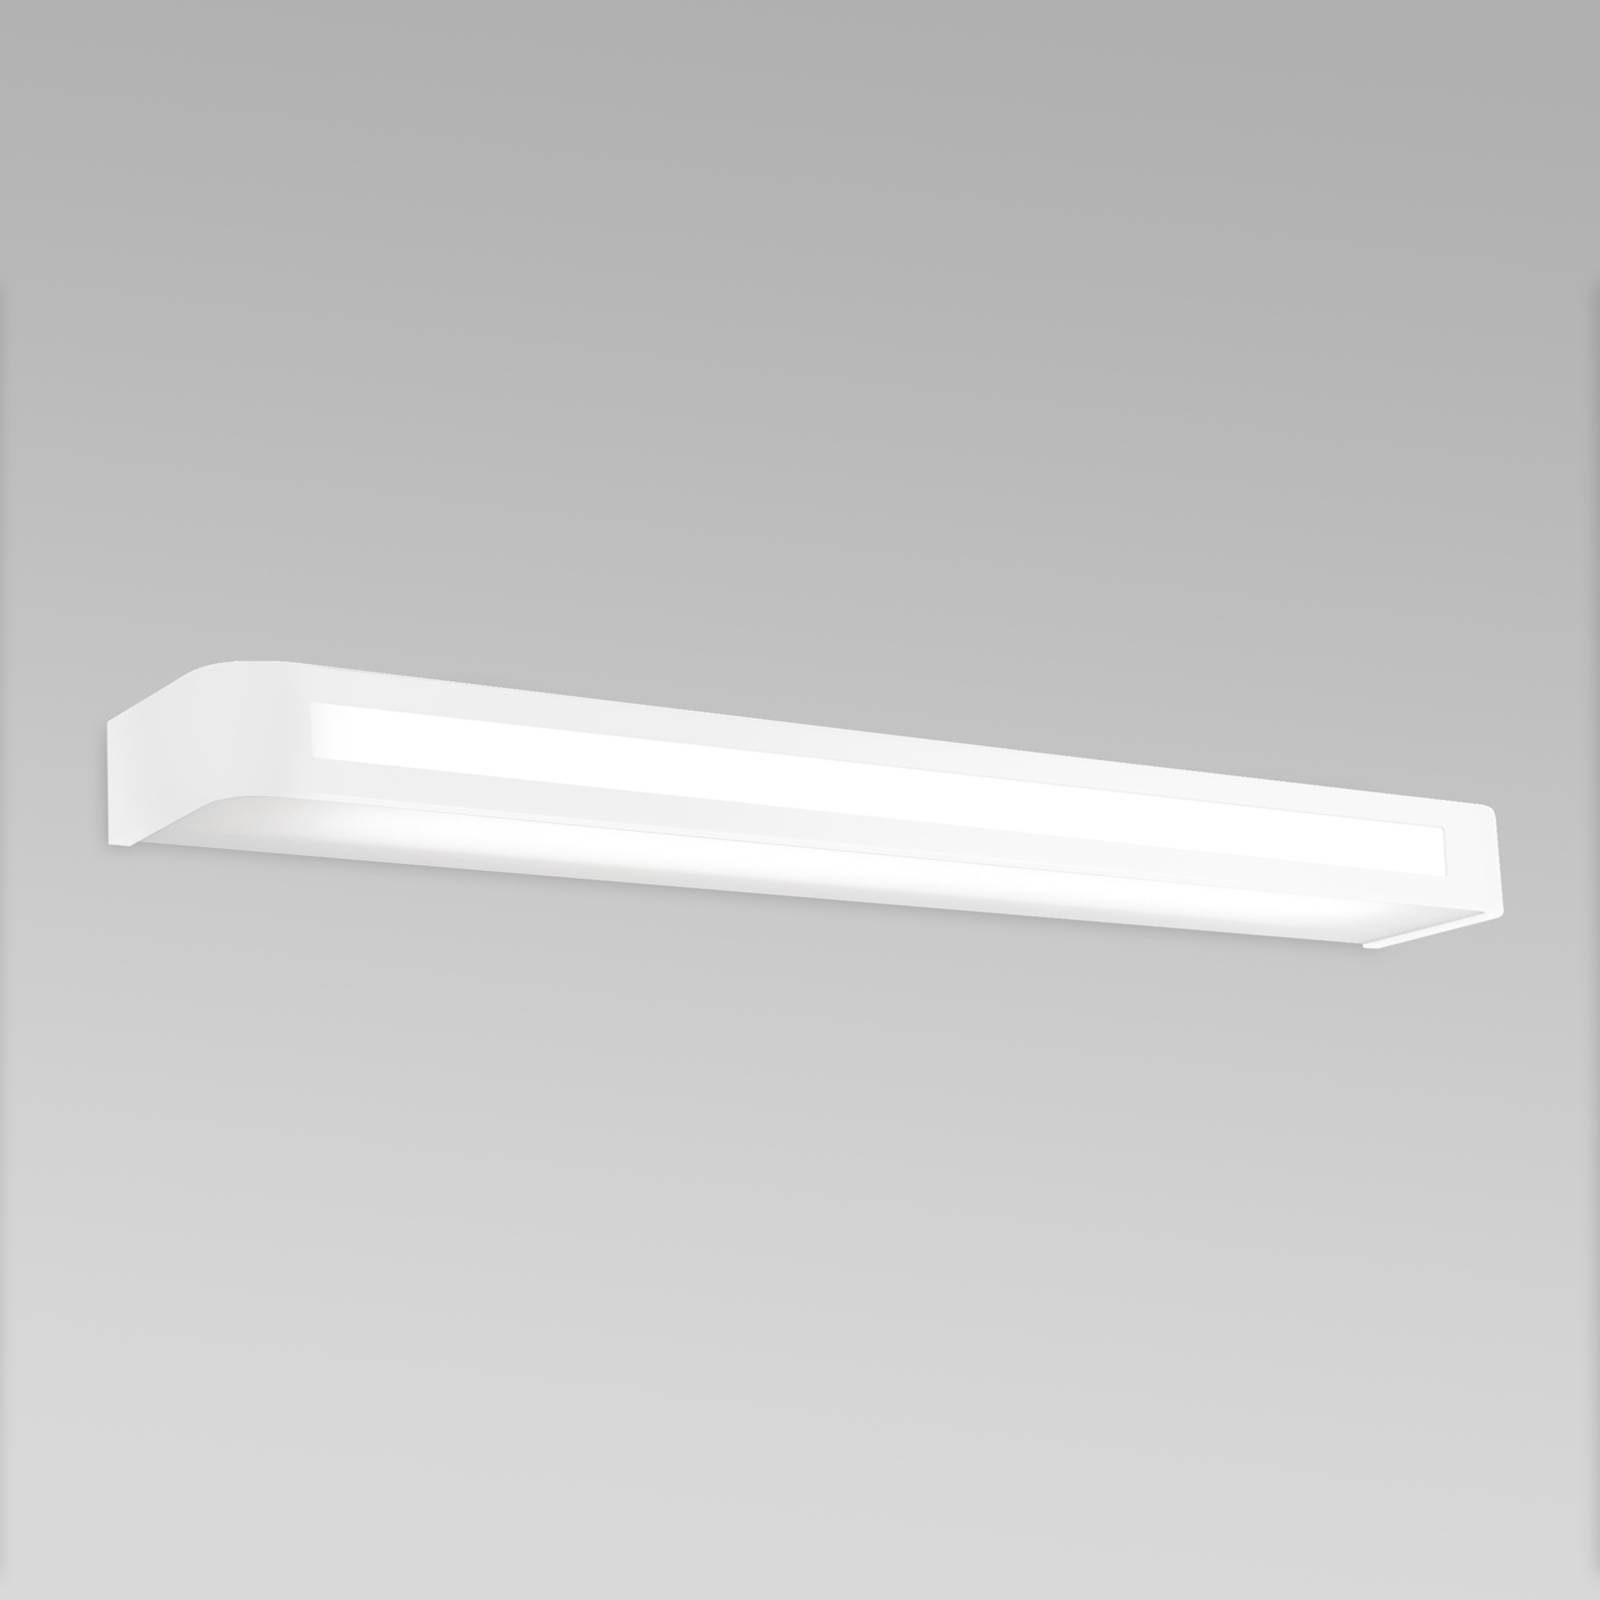 Ajaton LED-seinävalaisin Acros, 60 cm, valkoinen